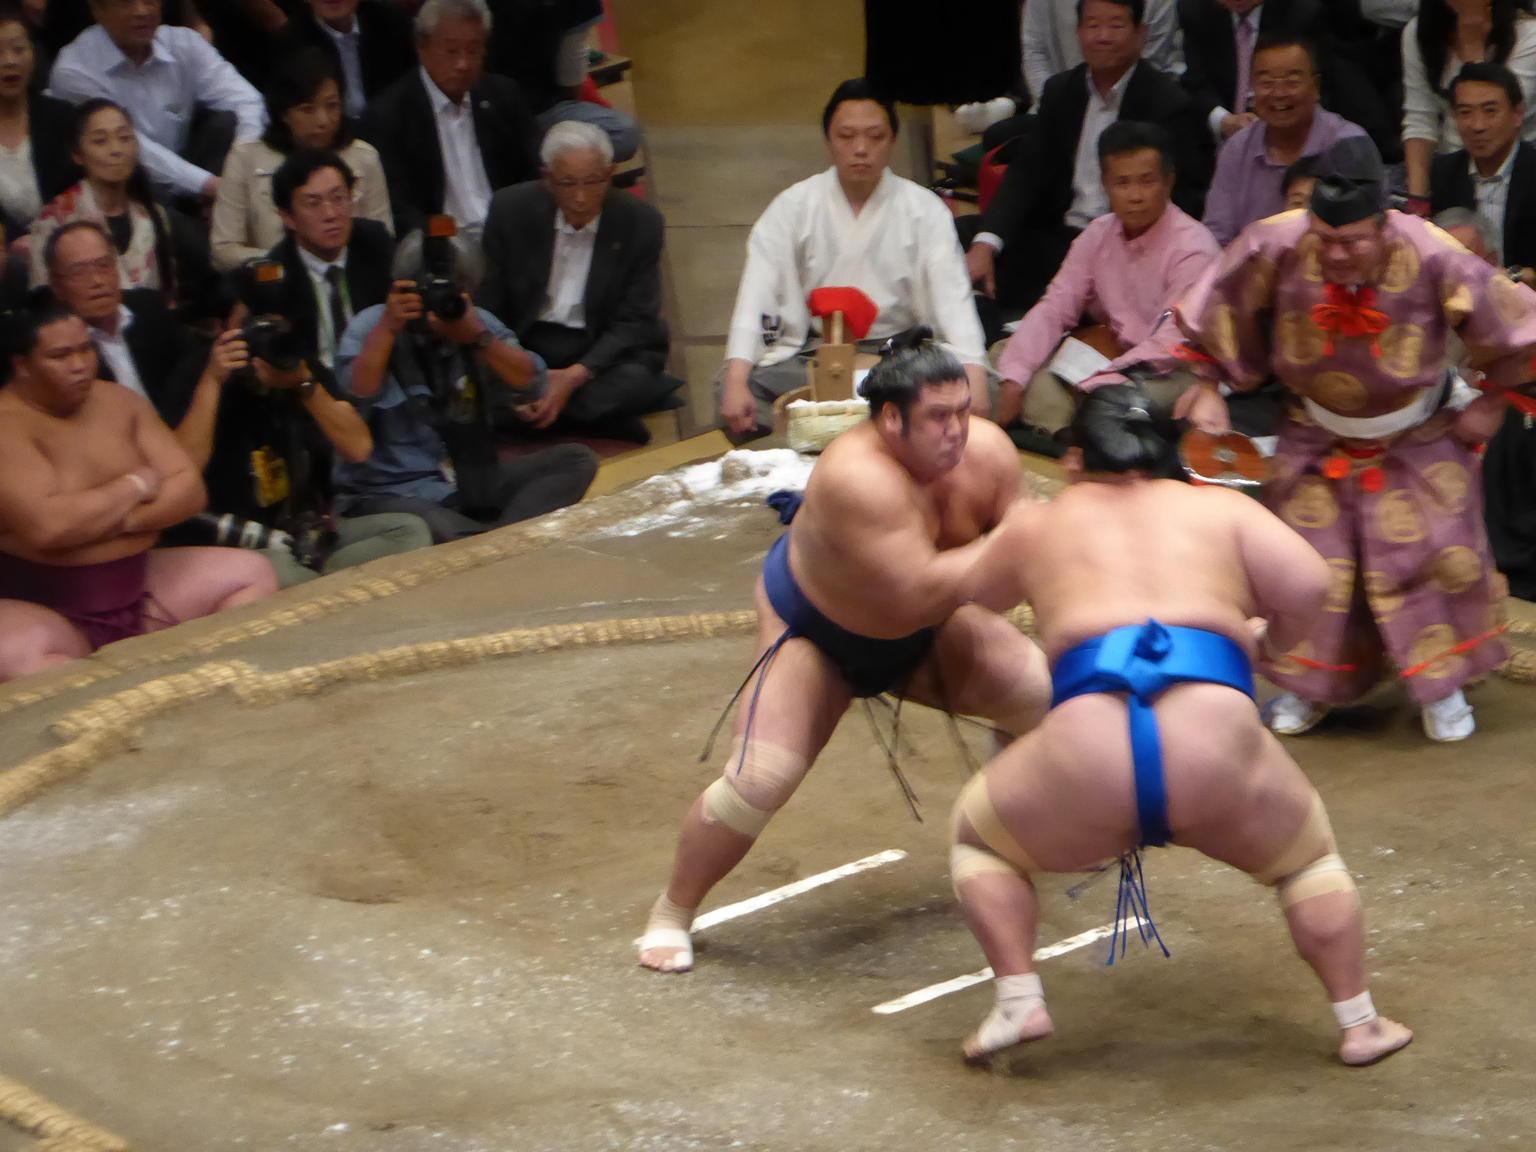 MÁS FOTOS, Torneo de lucha sumo en Tokio